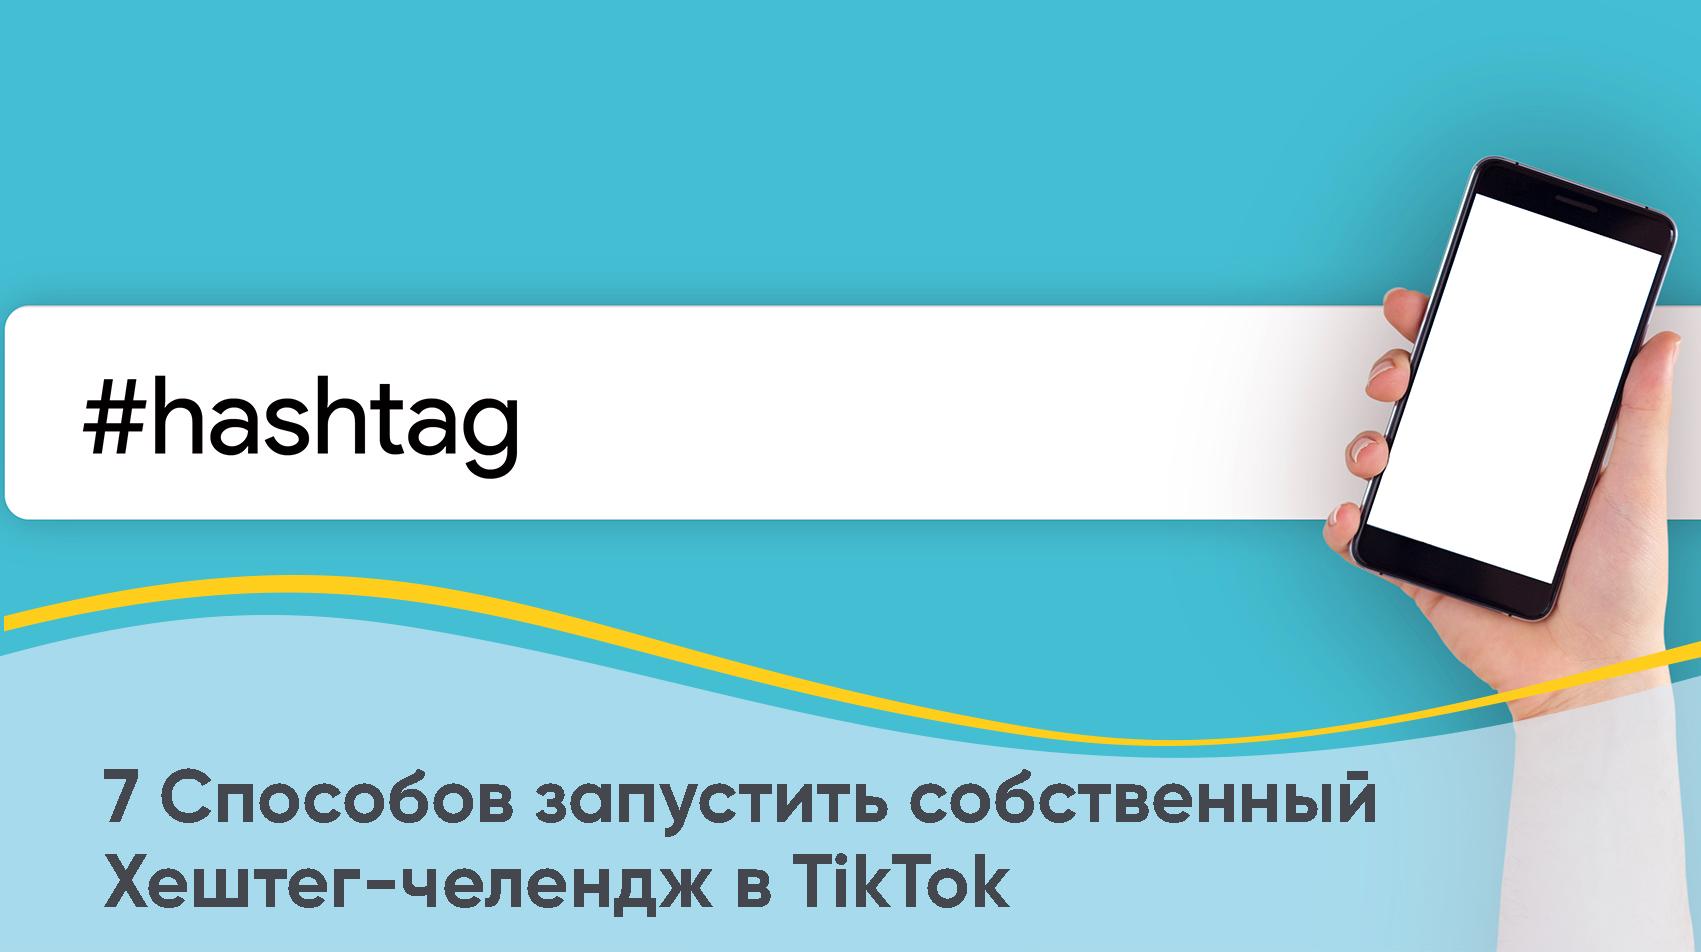 Стикер челлендж в инстаграм